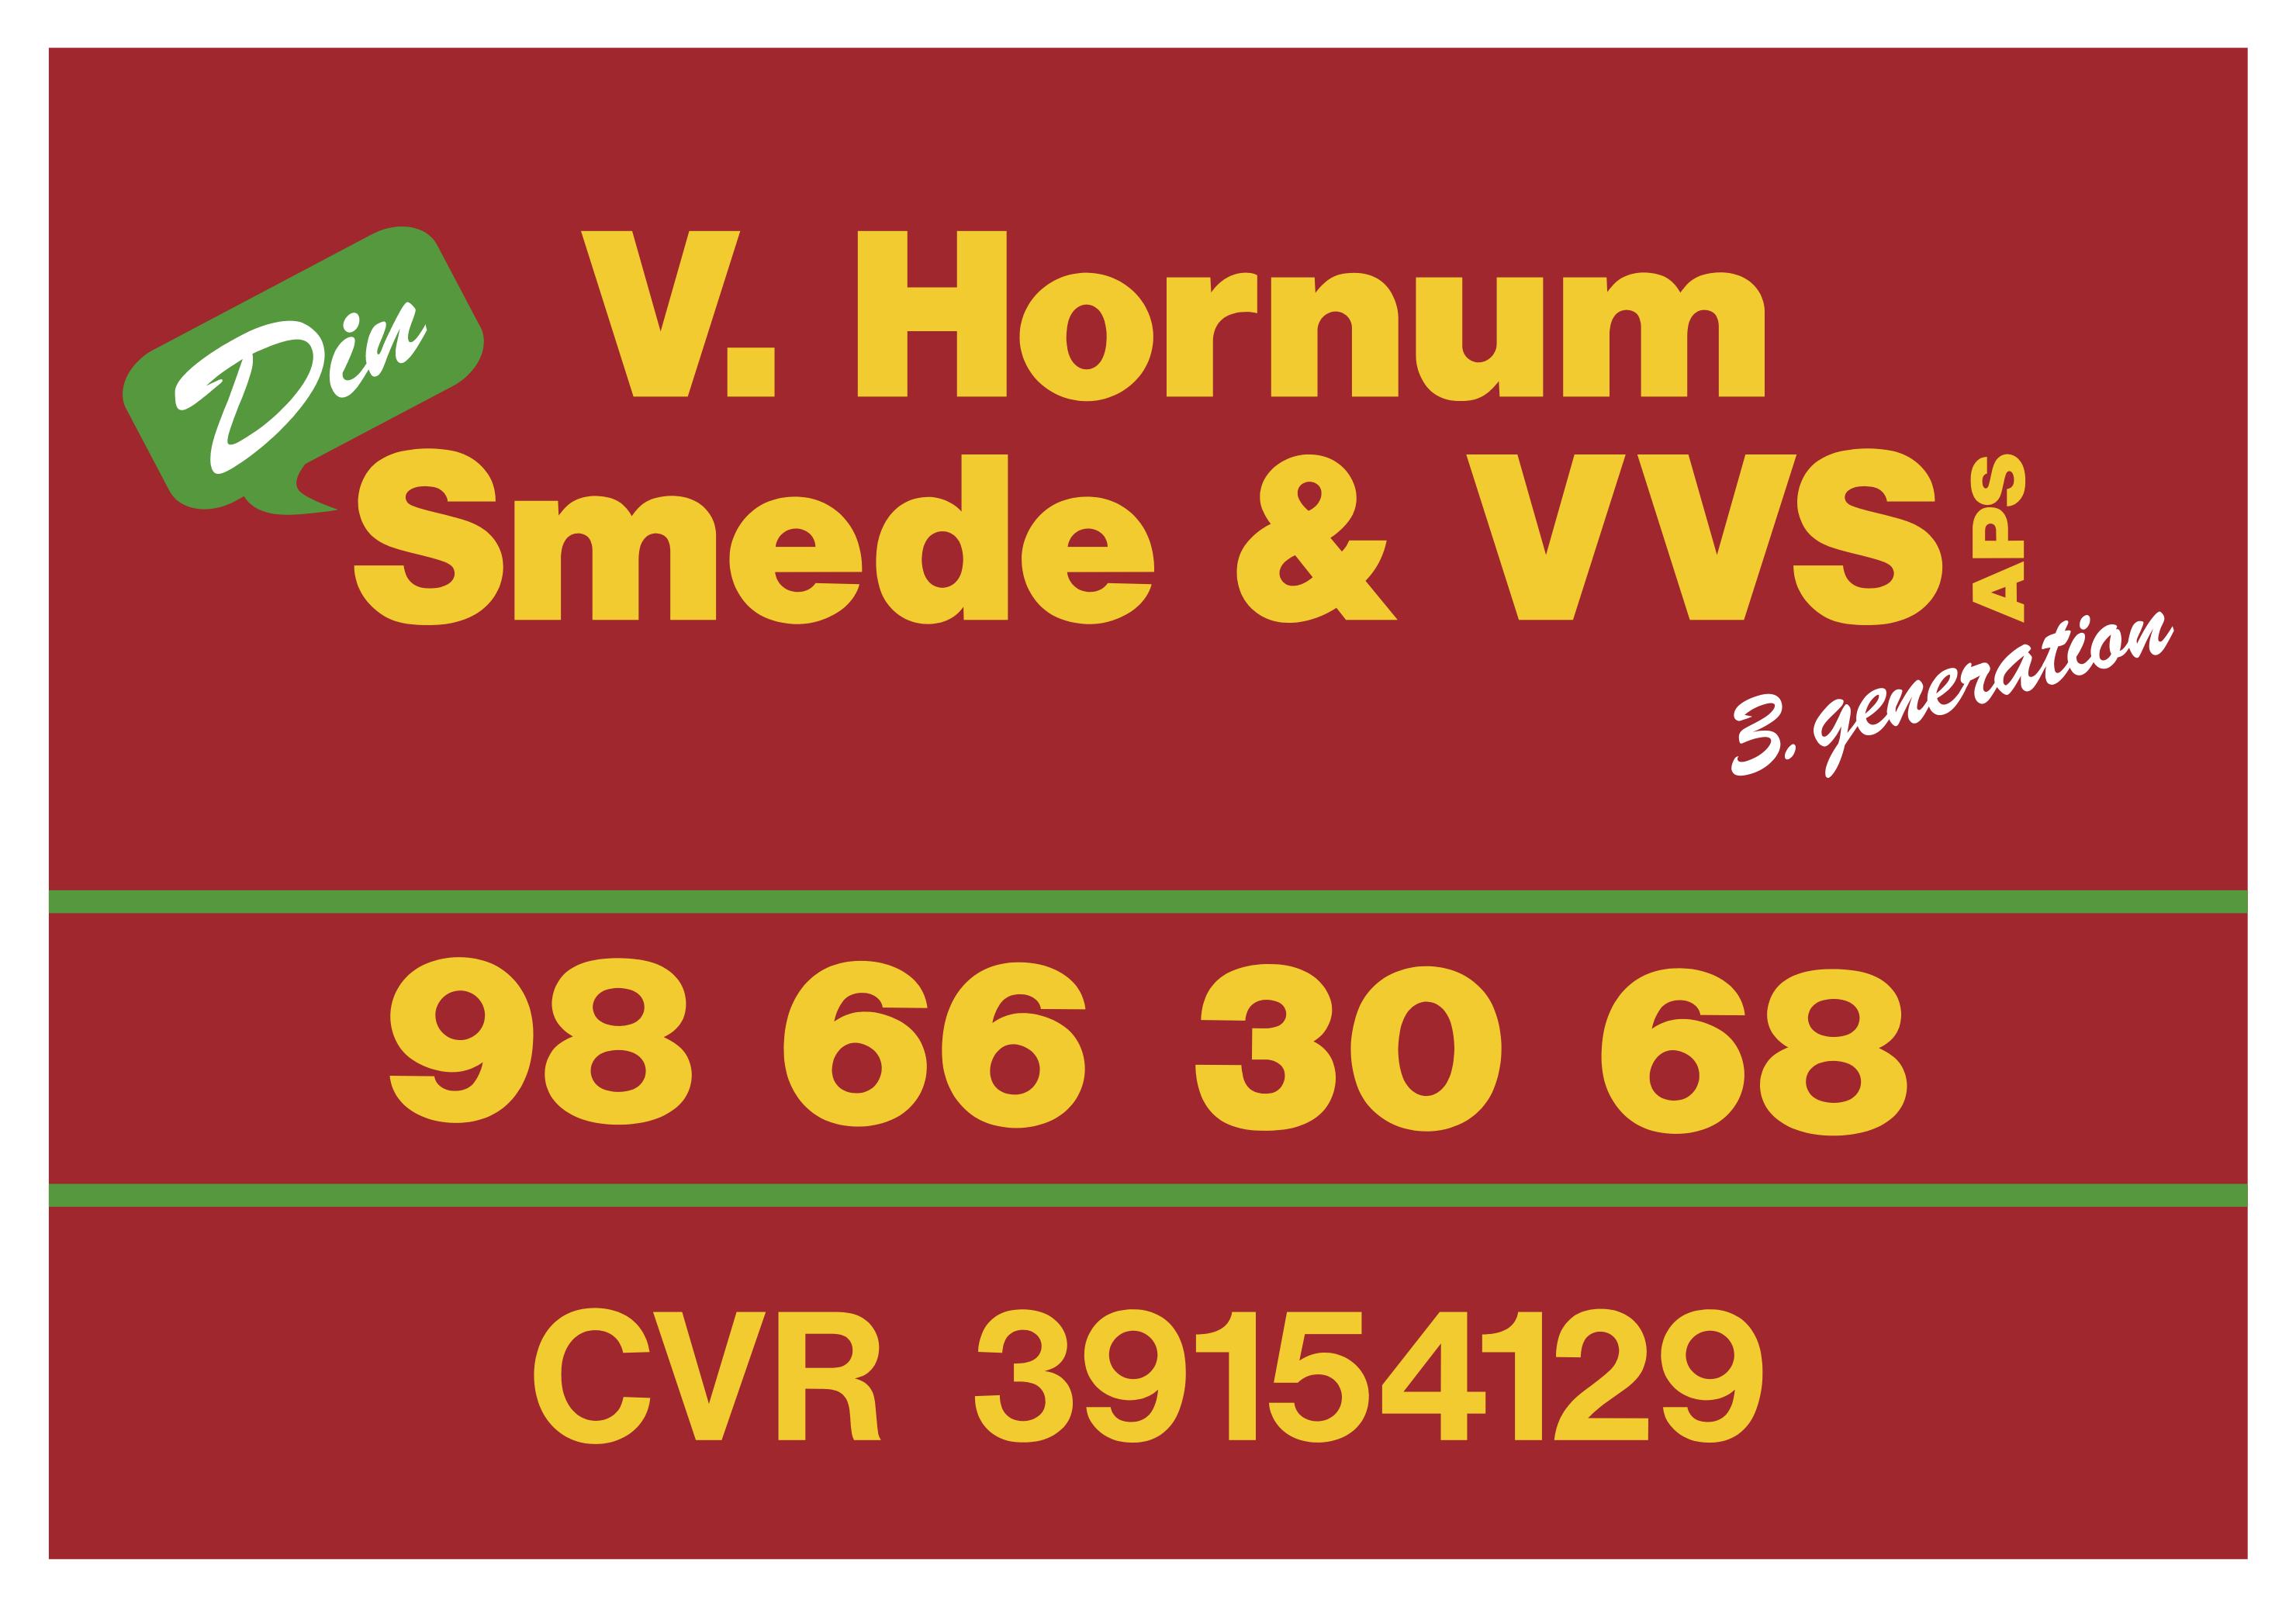 Vester Hornum smede- og VVS forretning